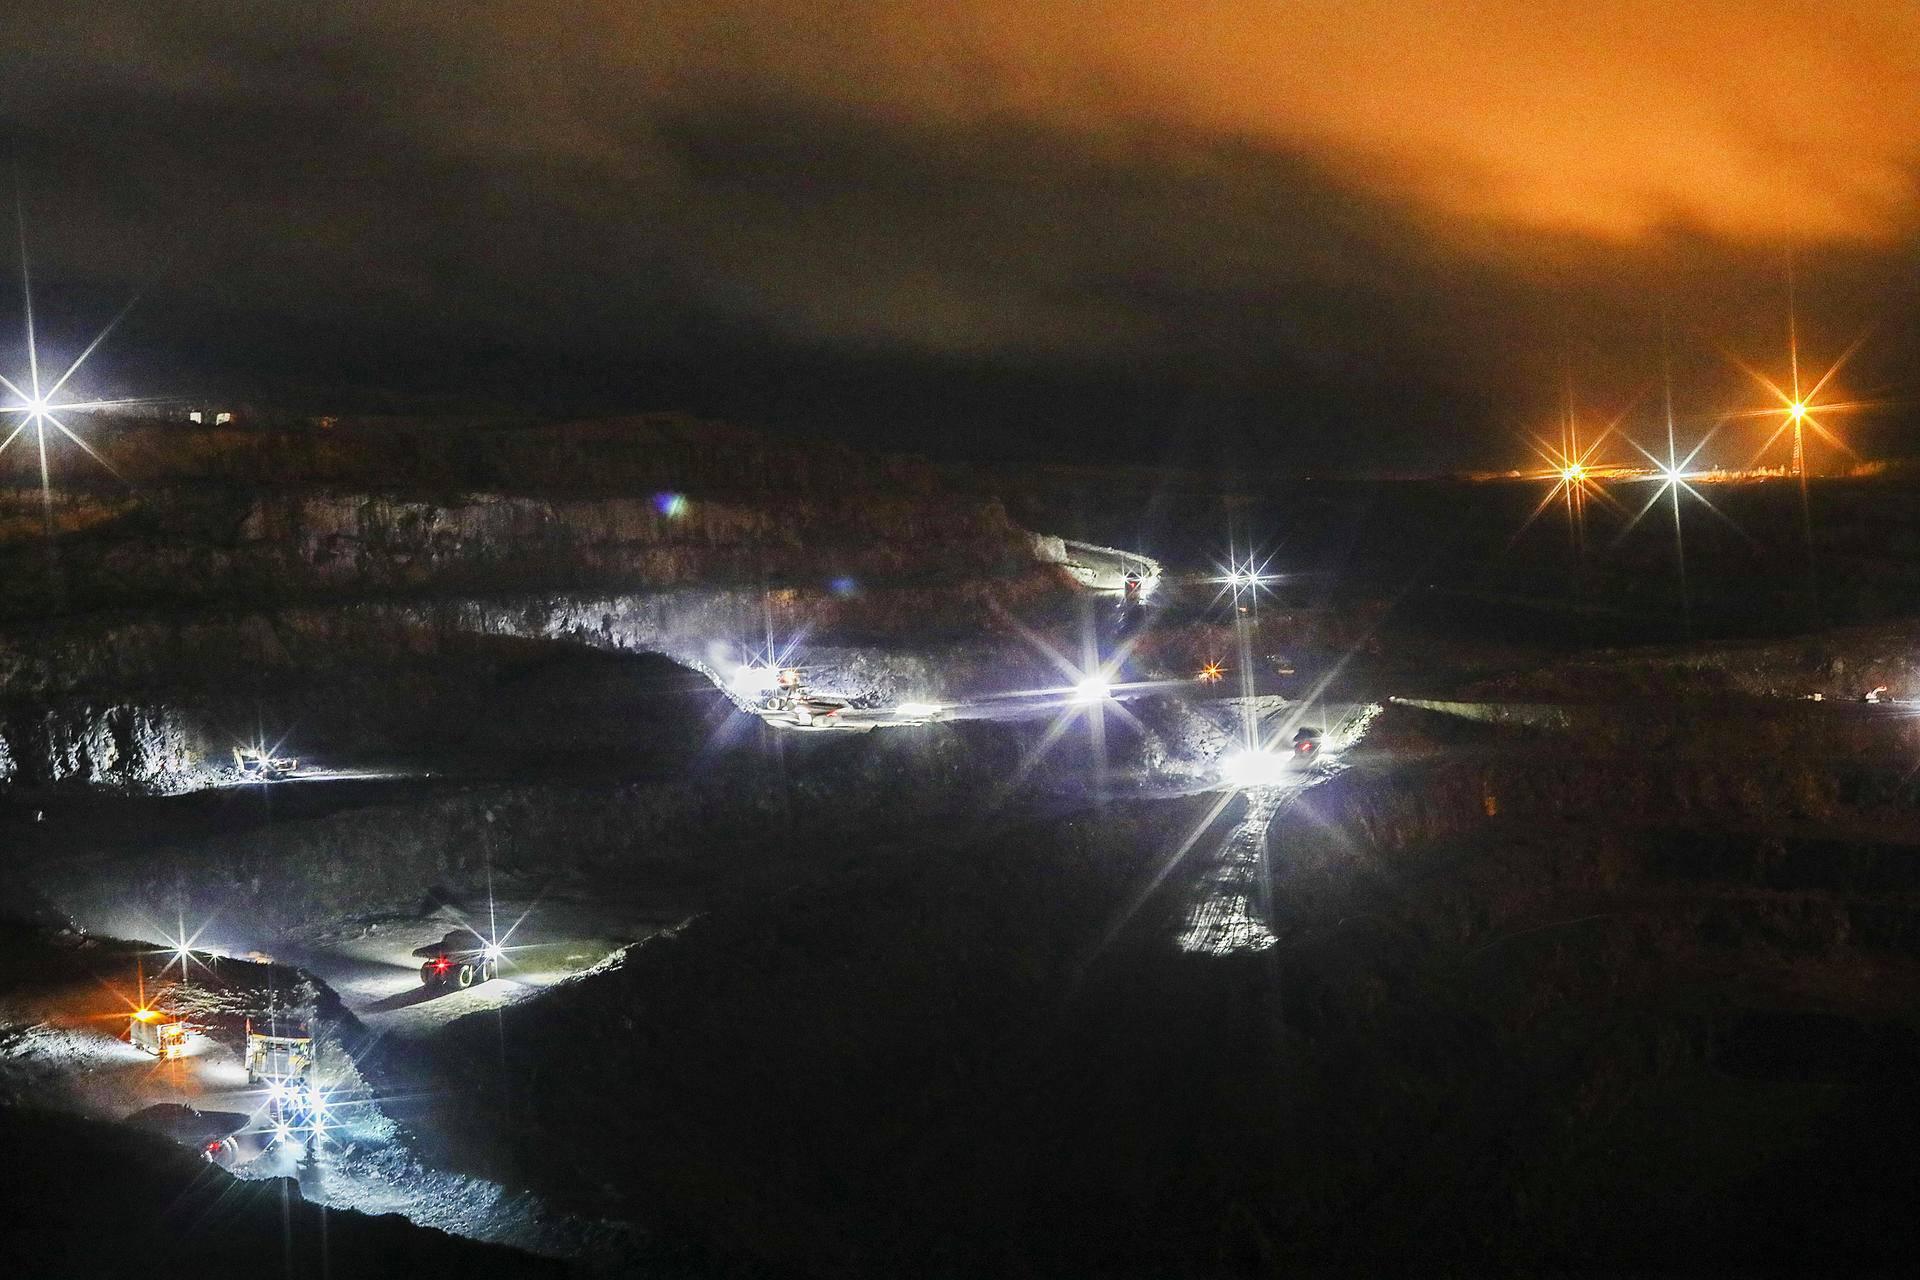 Runsaan kahden vuoden kuluttua kaivoksella aletaan valmistaa sähköajoneuvojen akkukemikaaleja.